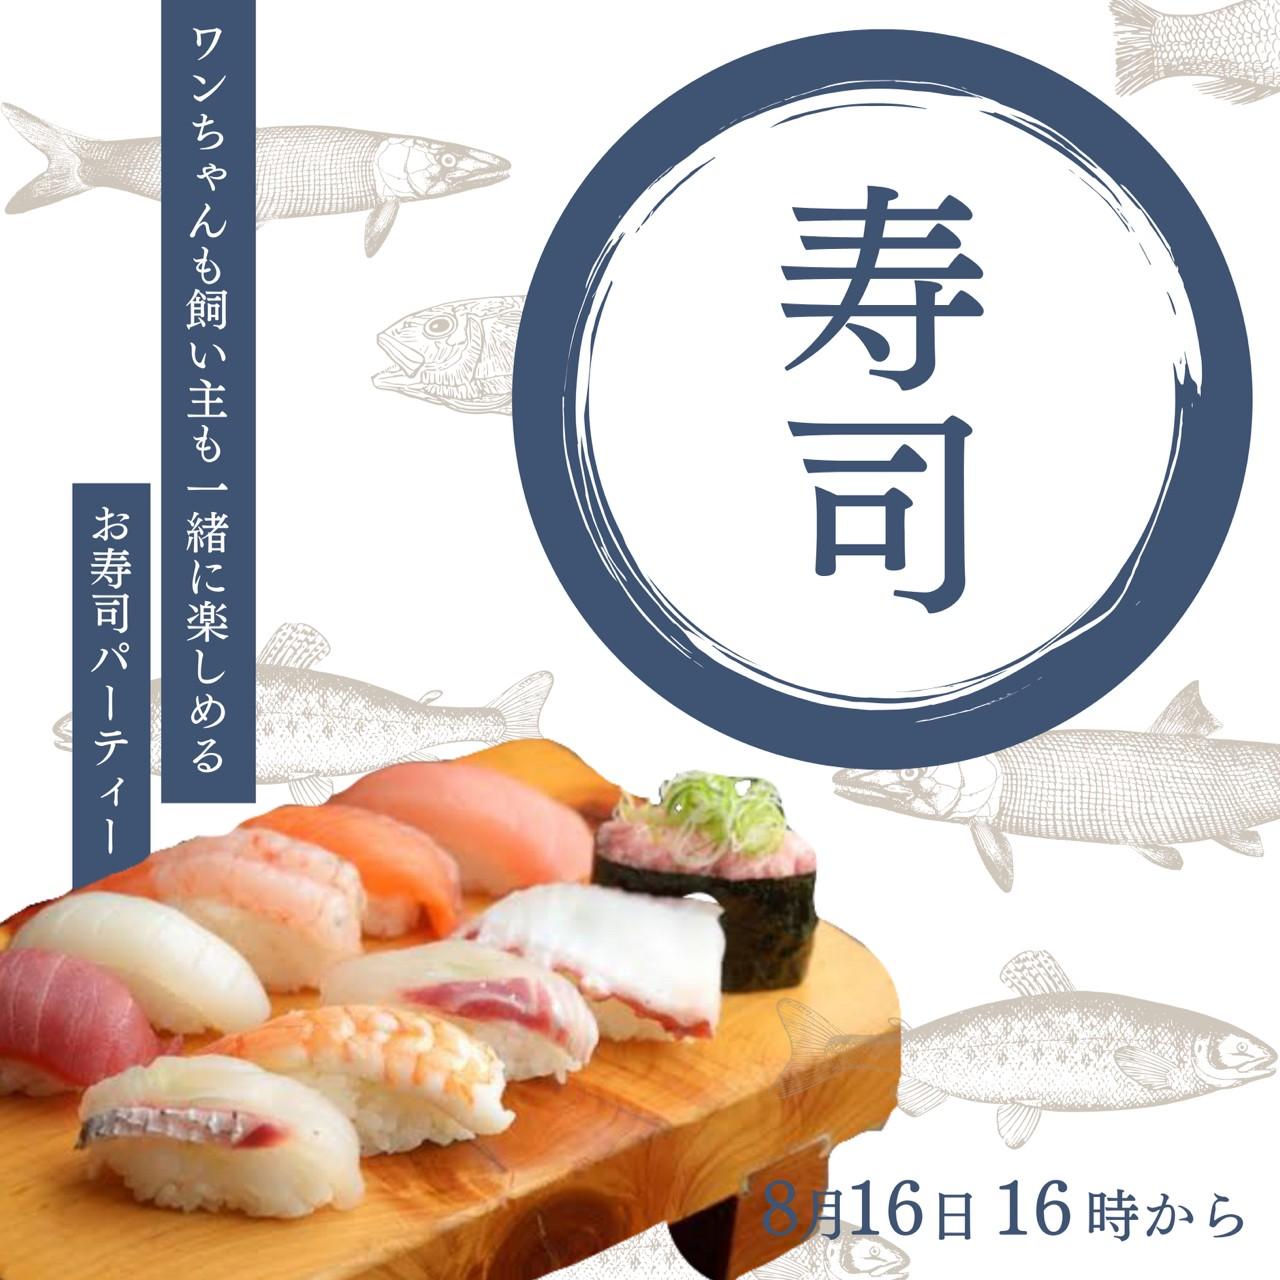 8/16 いぬ寿司おためし会